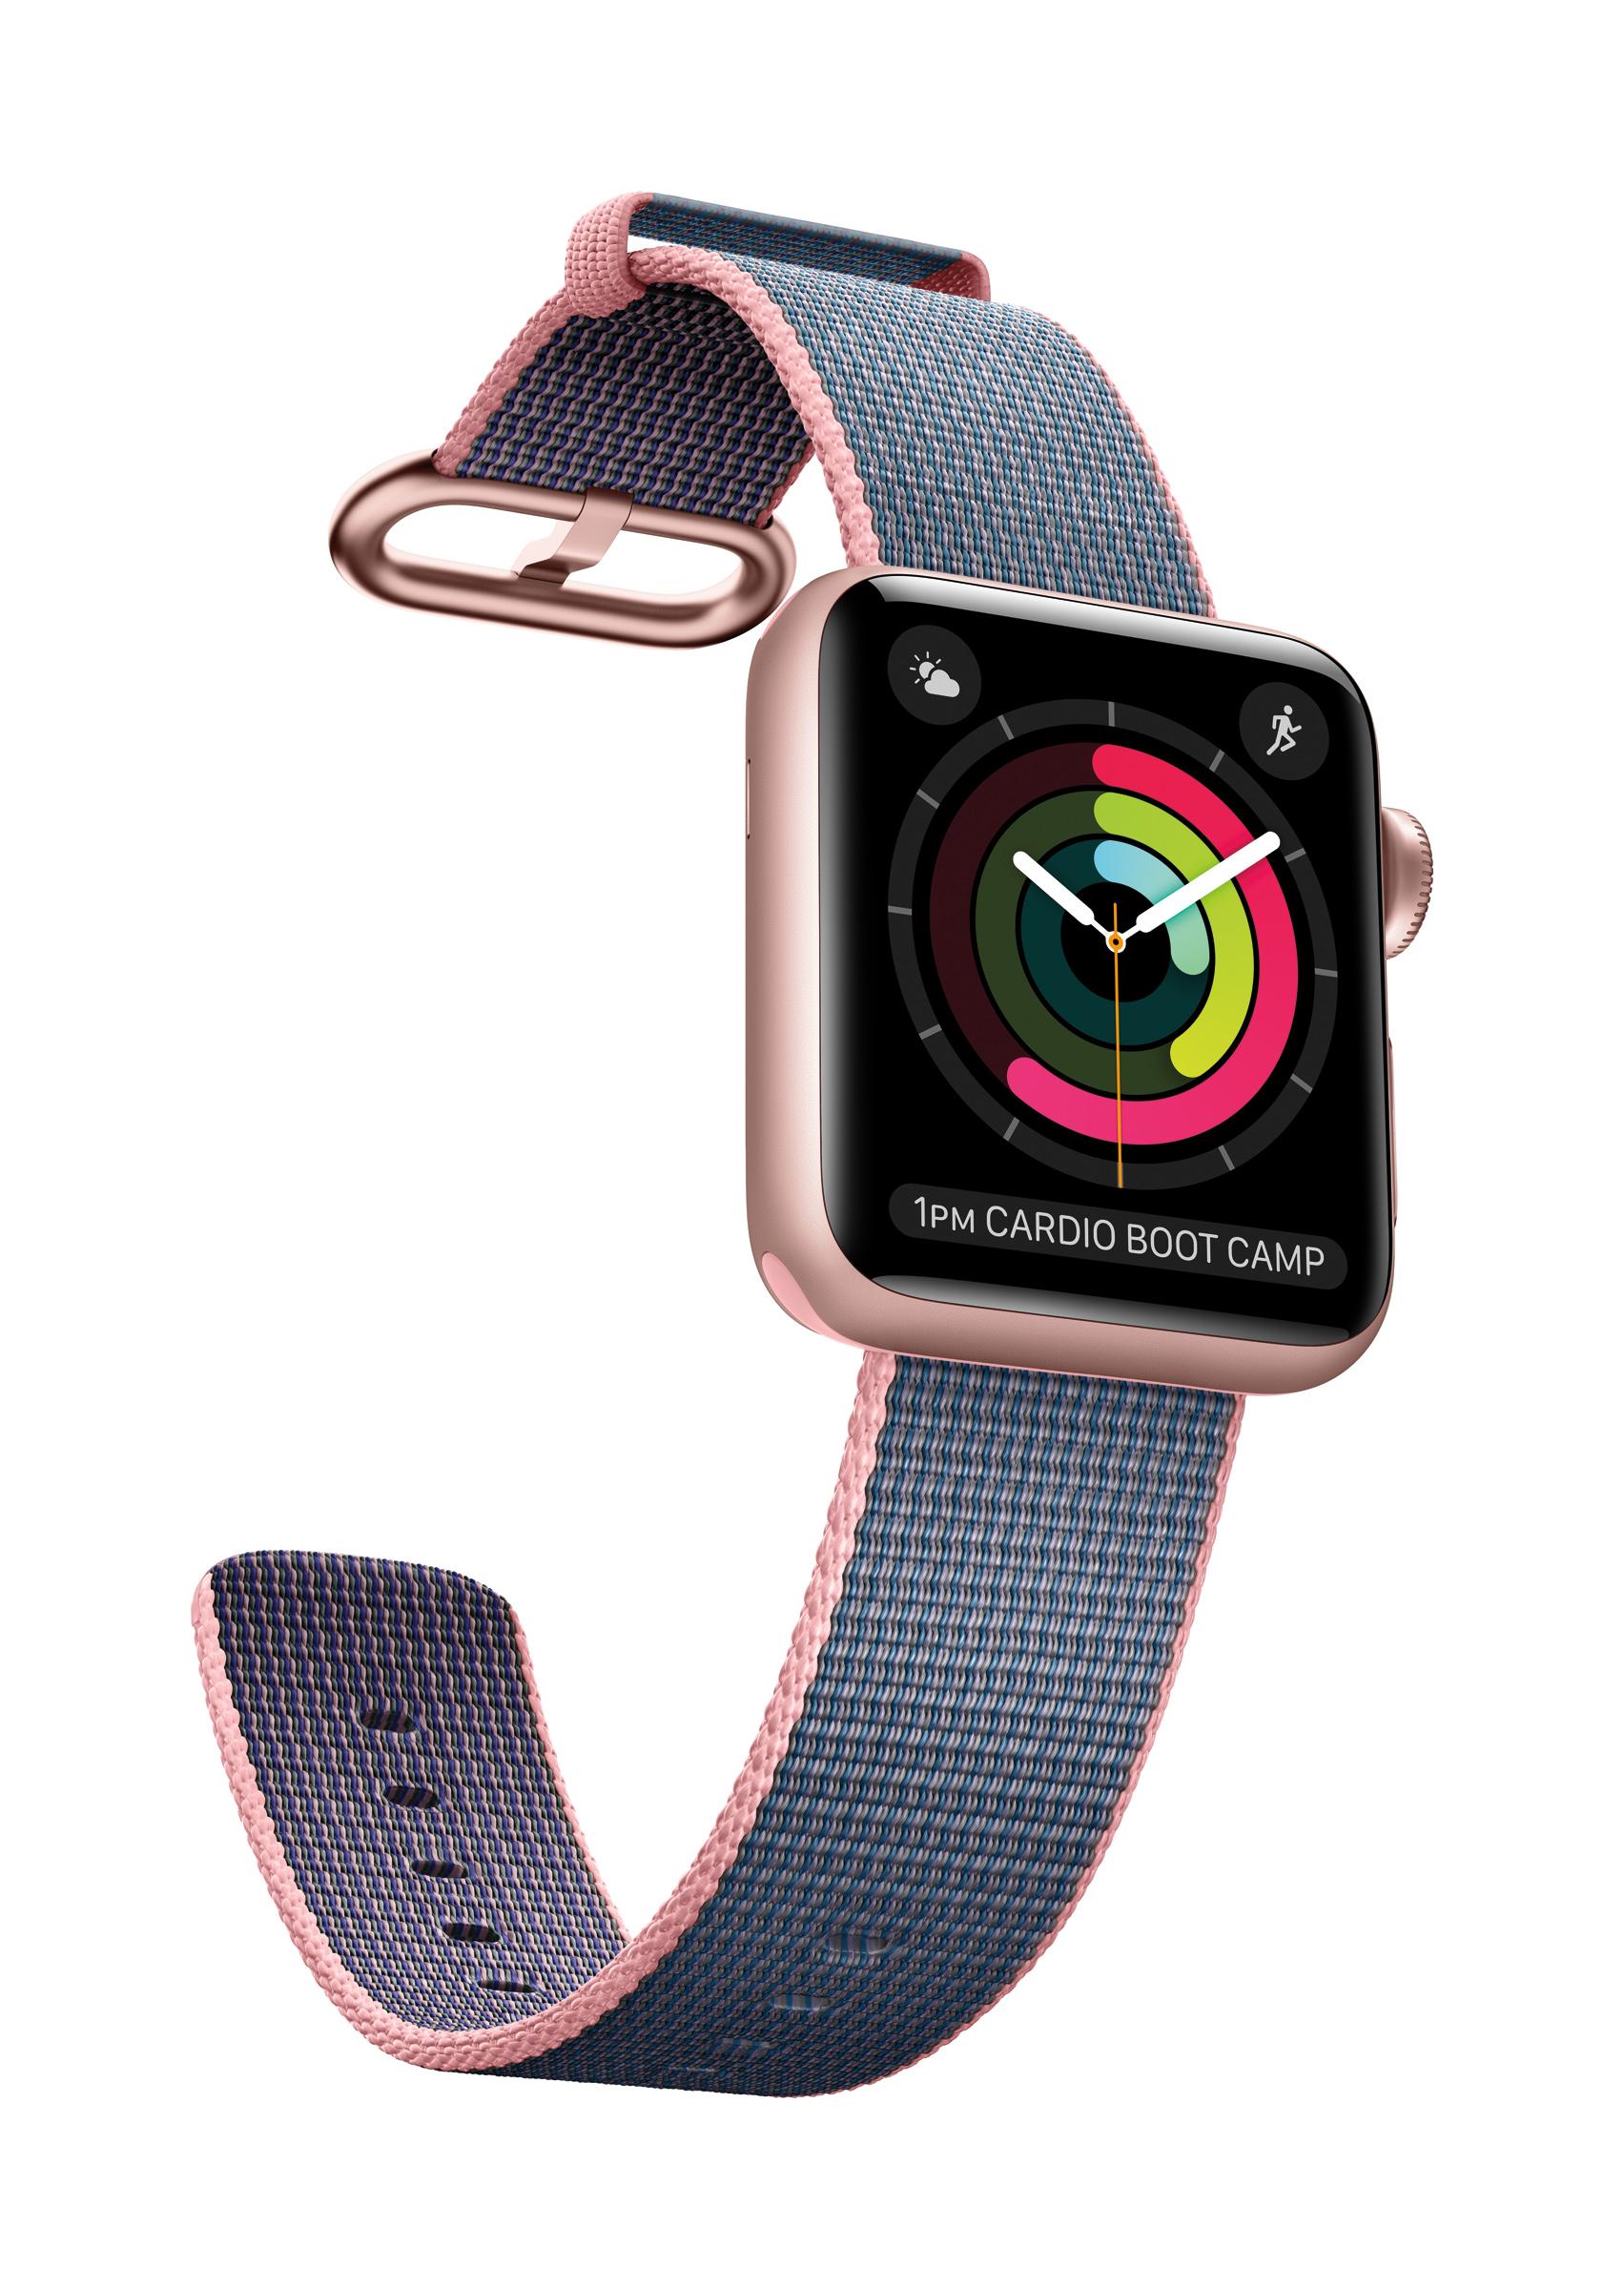 Gøy: Å følge med på din daglige aktivitet, her illustrert med Apples egen aktivitetsindikator, er gøy å følge med på. Man setter egne mål for hvor mye man skal bevege seg, trene og stå oppreist ila en dag. Foto: Apple